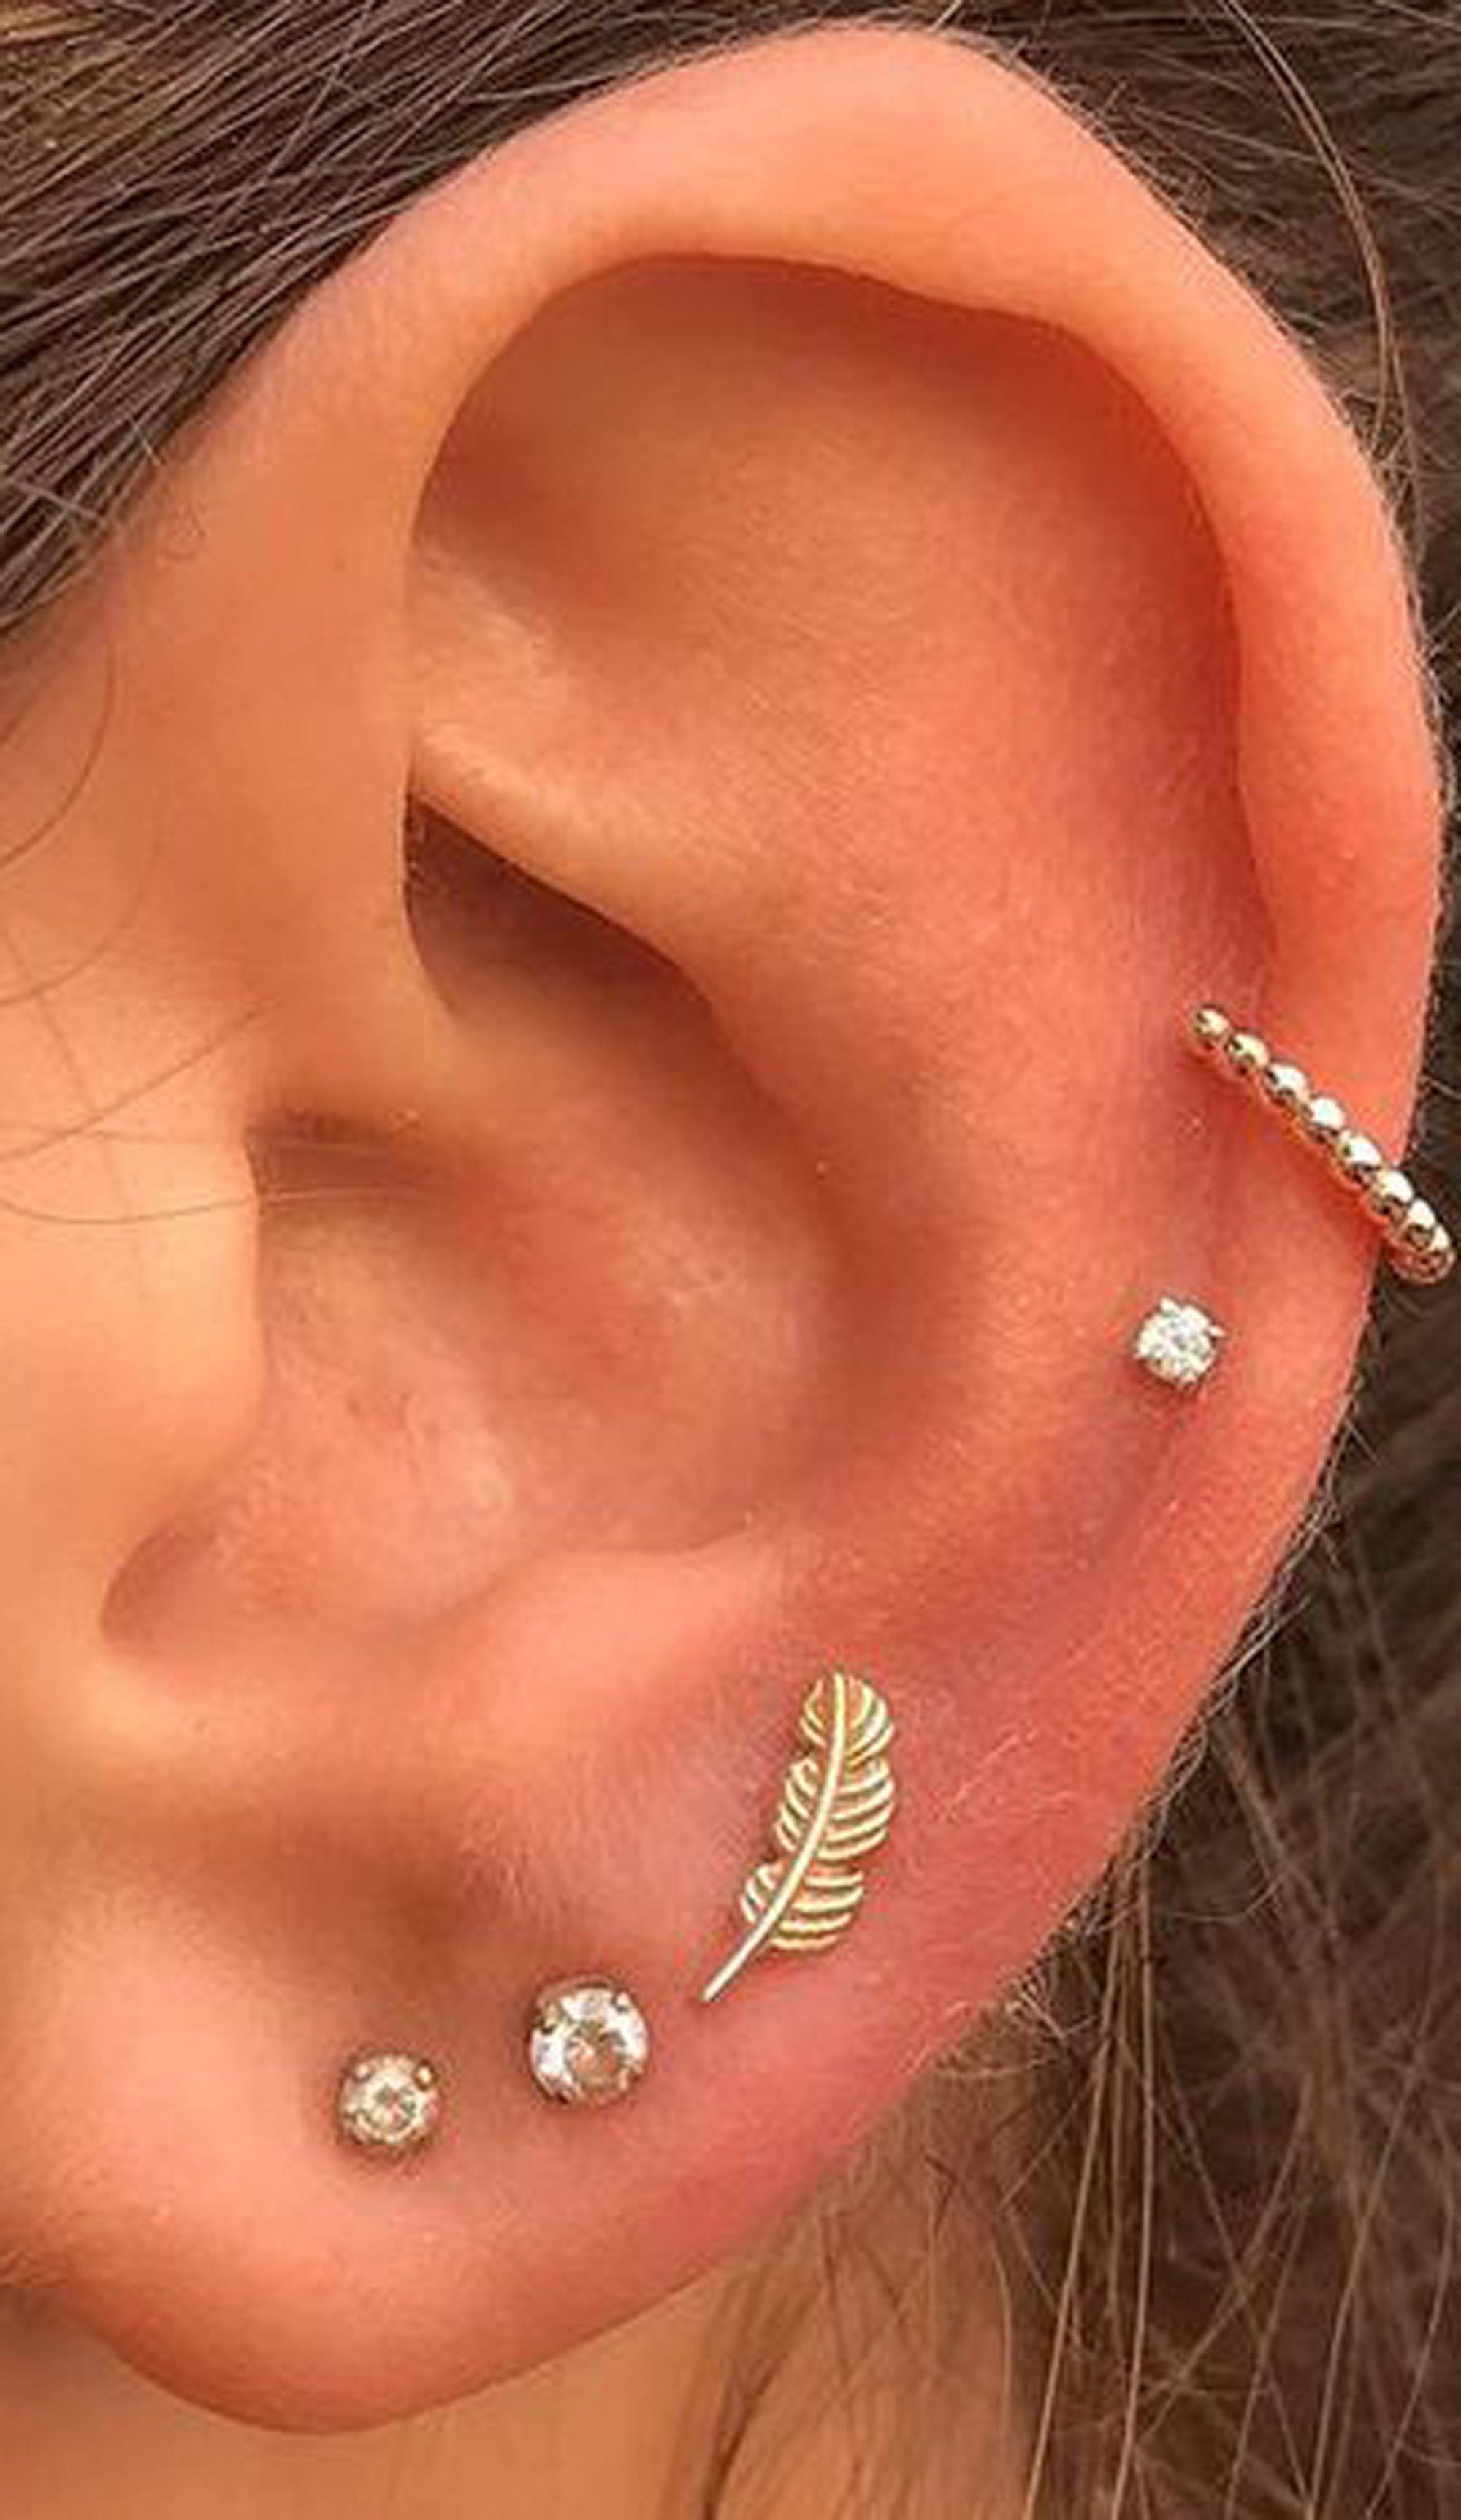 Multiple Ear Piercing Ideas For Women Leaf Jewelry In 2019